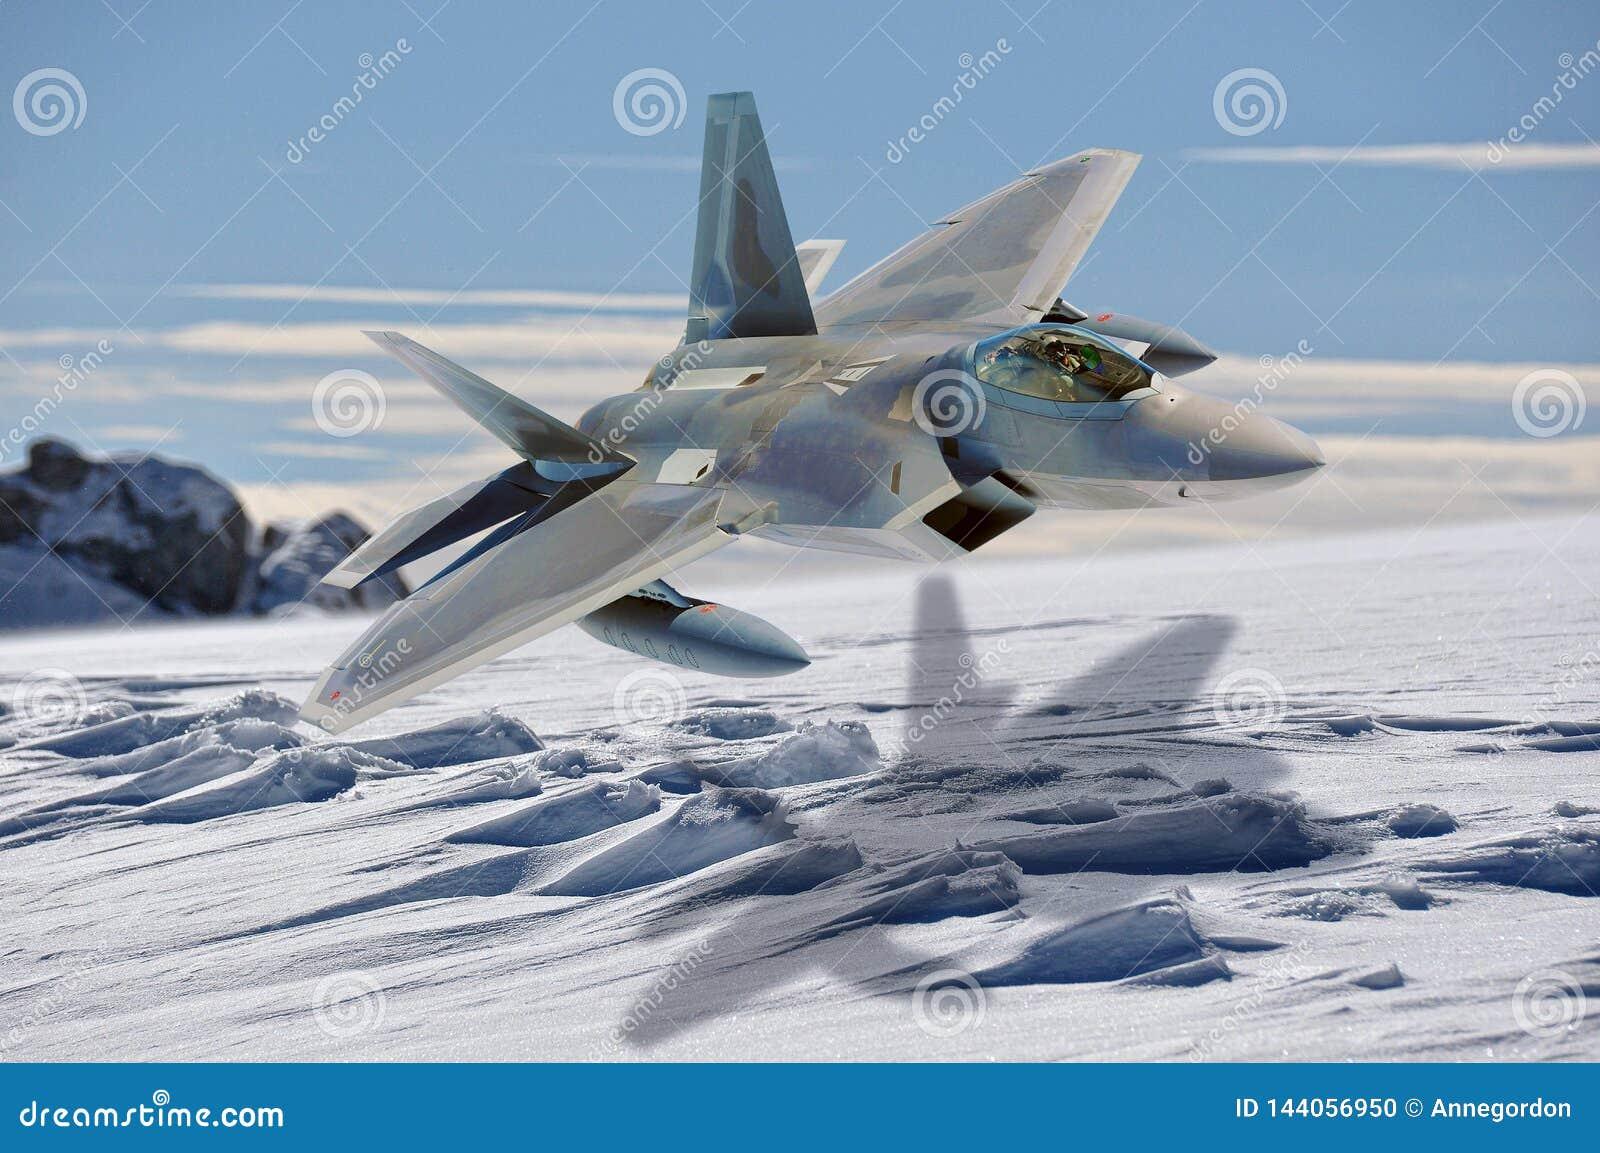 Militär ockupation av det arktiska havet: